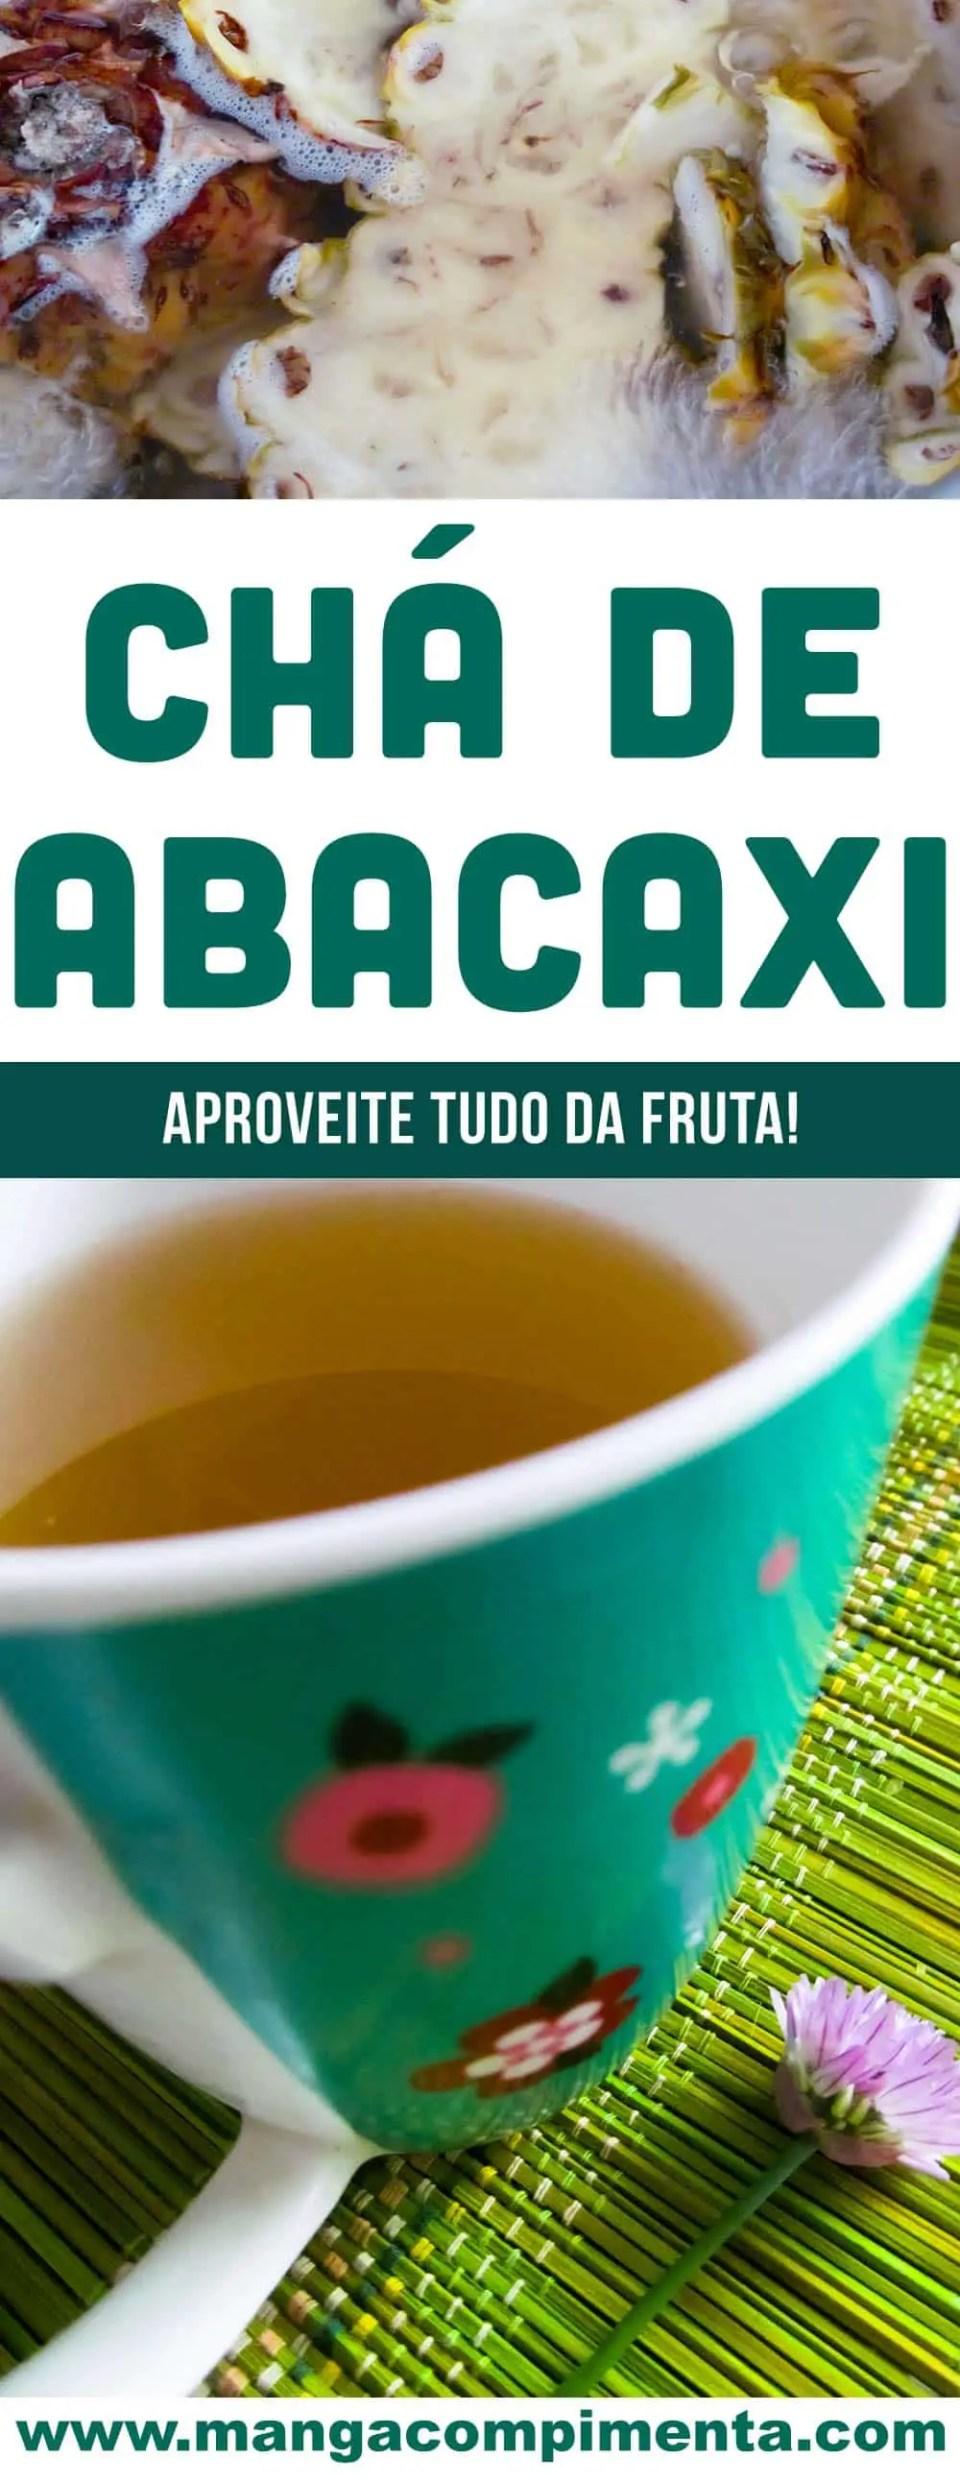 Chá de Abacaxi - prepare em casa e some pontos para sua saúde!